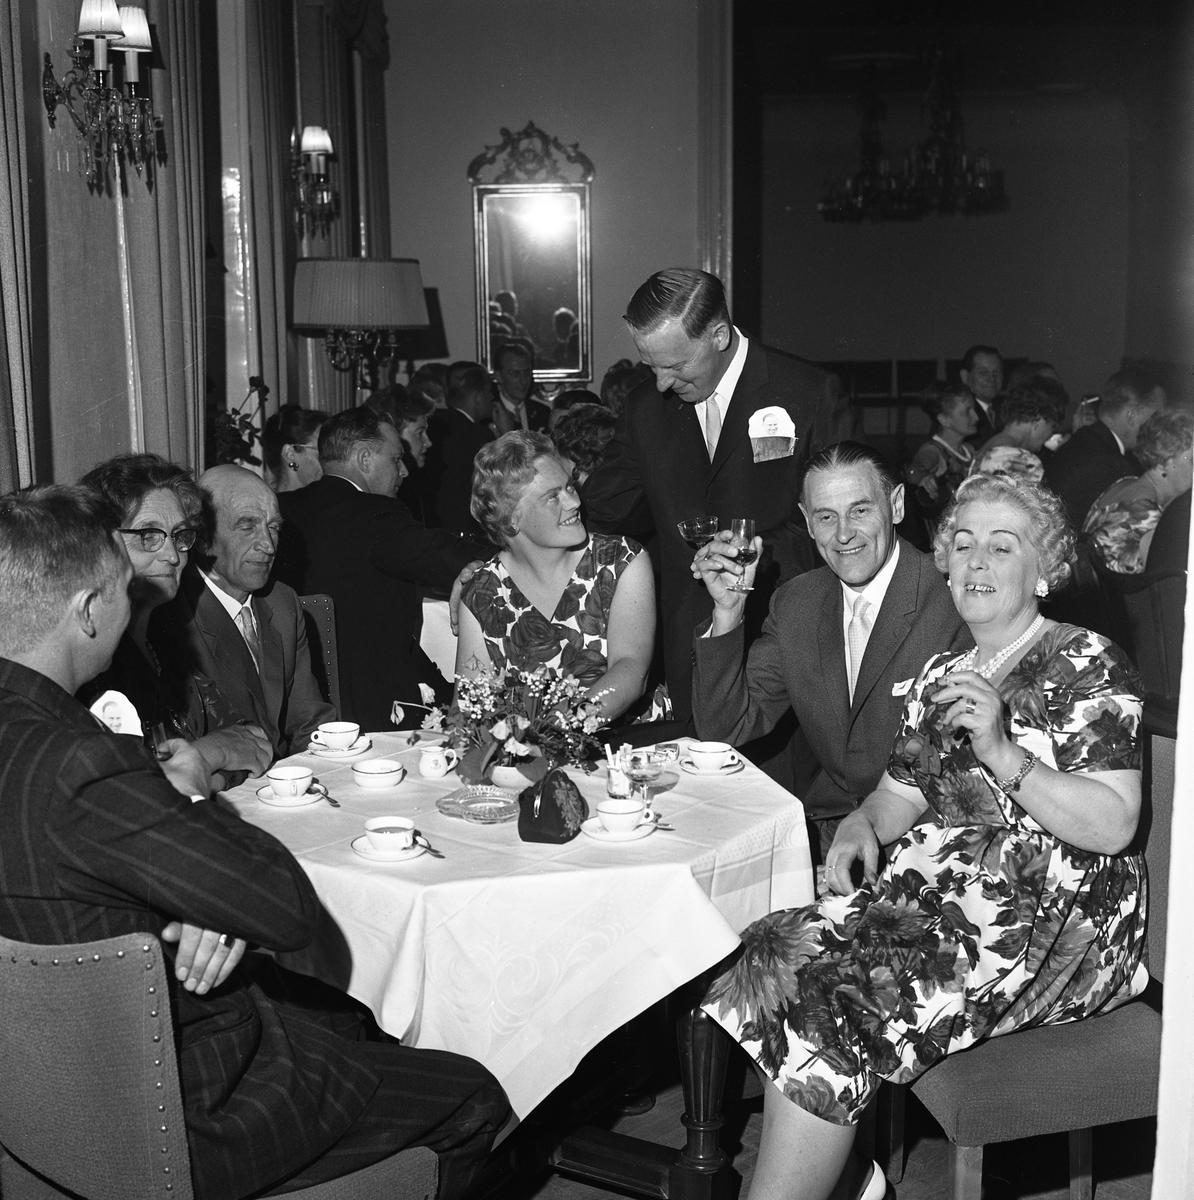 """Erik Holms (""""Glass-Holms"""") 50-årskalas. Erik samtalar med sina gäster. Kvinnan längst till höger är Solveig Berggren. Festklädda människor, kaffekoppar på borden."""